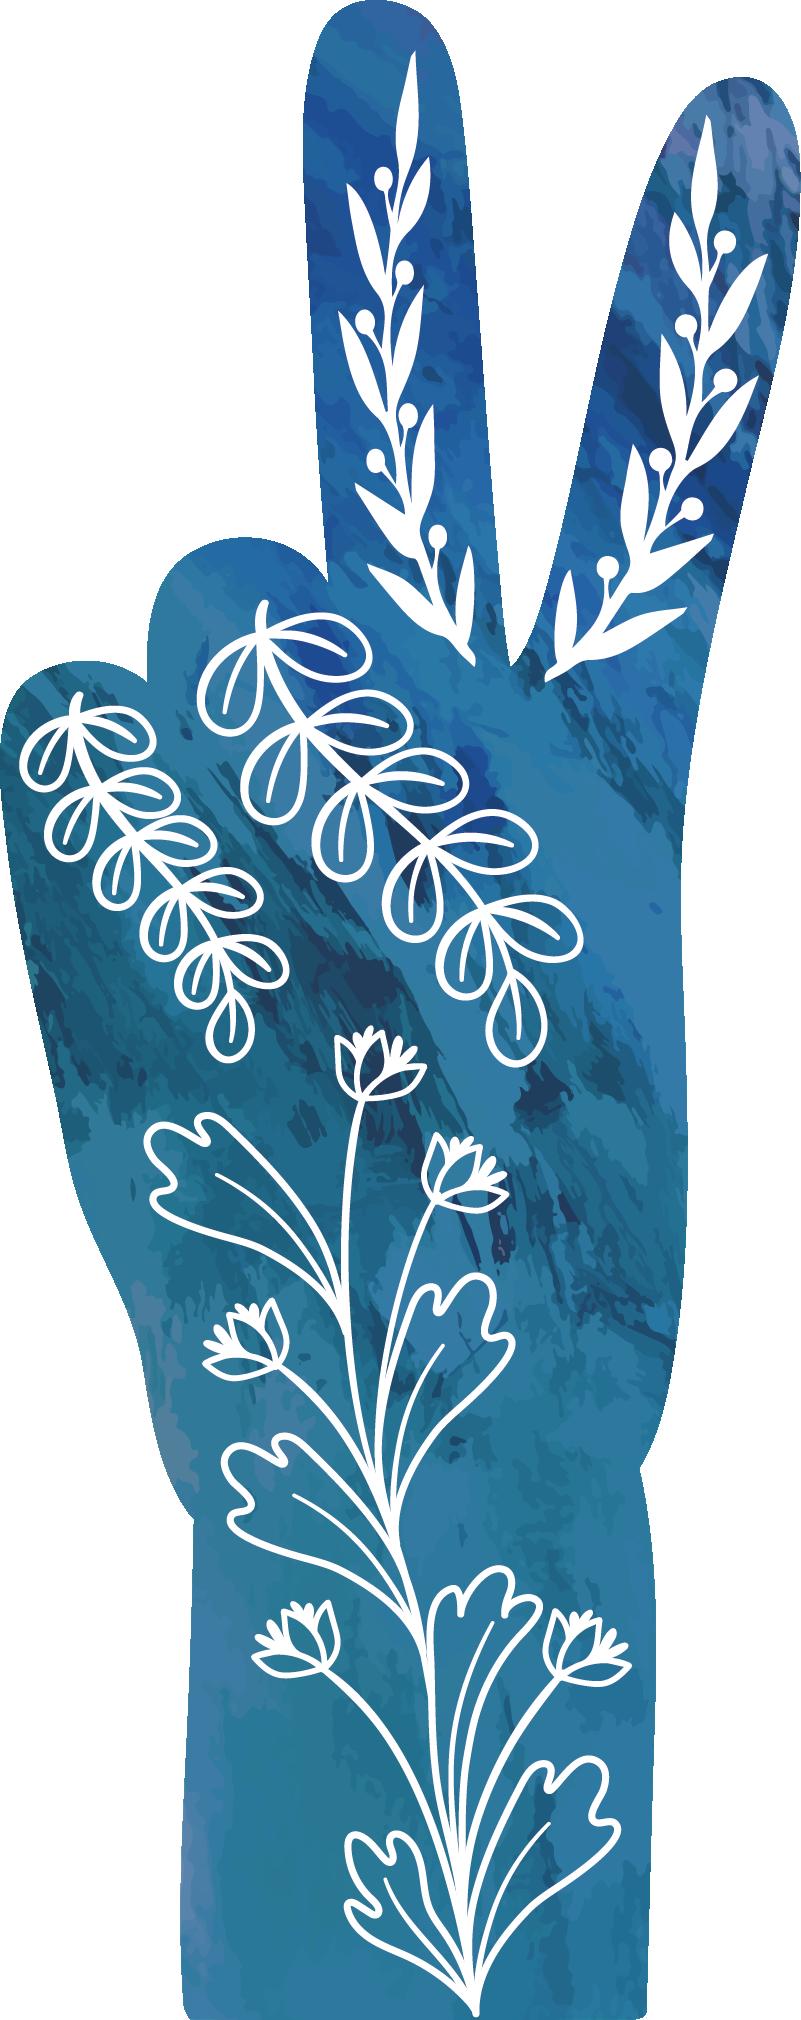 TenStickers. Muurstickers ornament V de la Victoire. Met deze originele 'V de la Victoire' laptopsticker kan je je Macbook of Windows laptop een persoonlijke touch geven en opvrolijken.